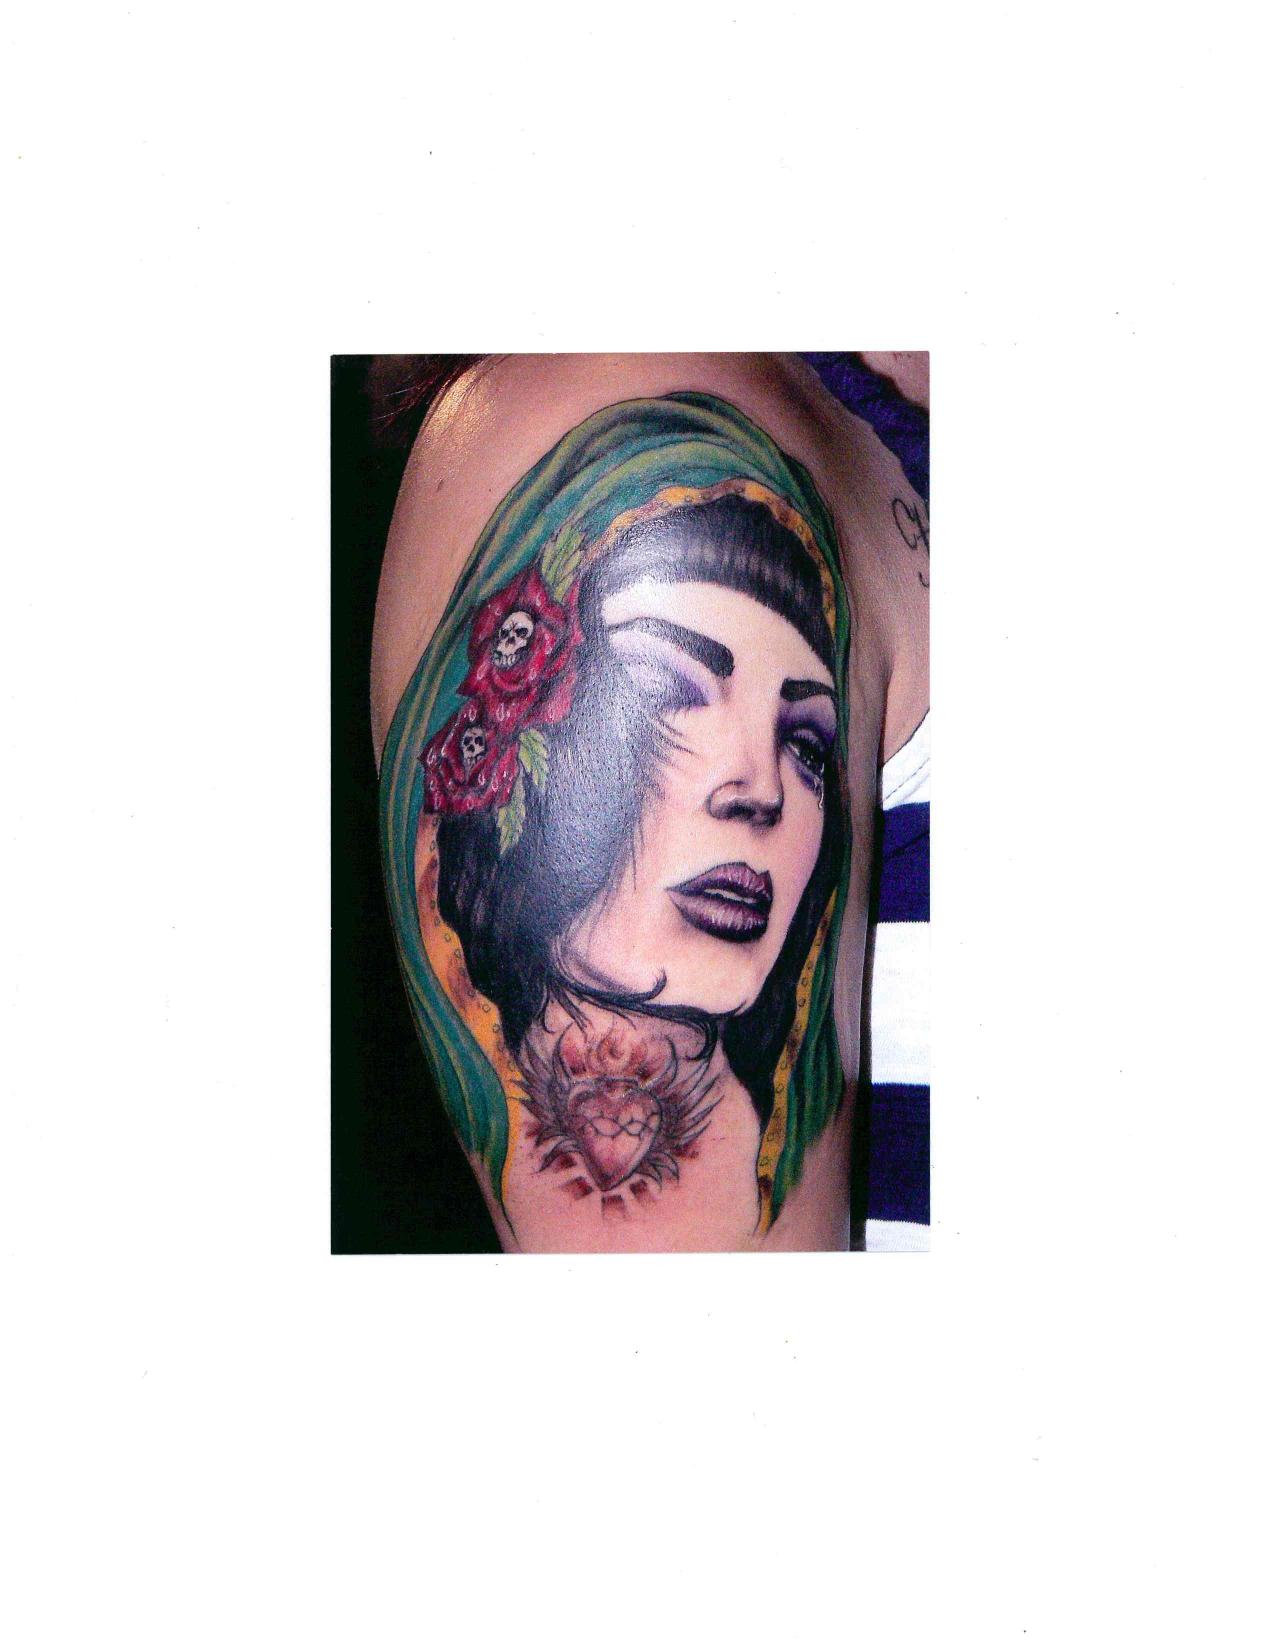 Nightwitch Body Art 4728 N Cedar Ave Ste 101, Fresno, CA 93726 - YP.com